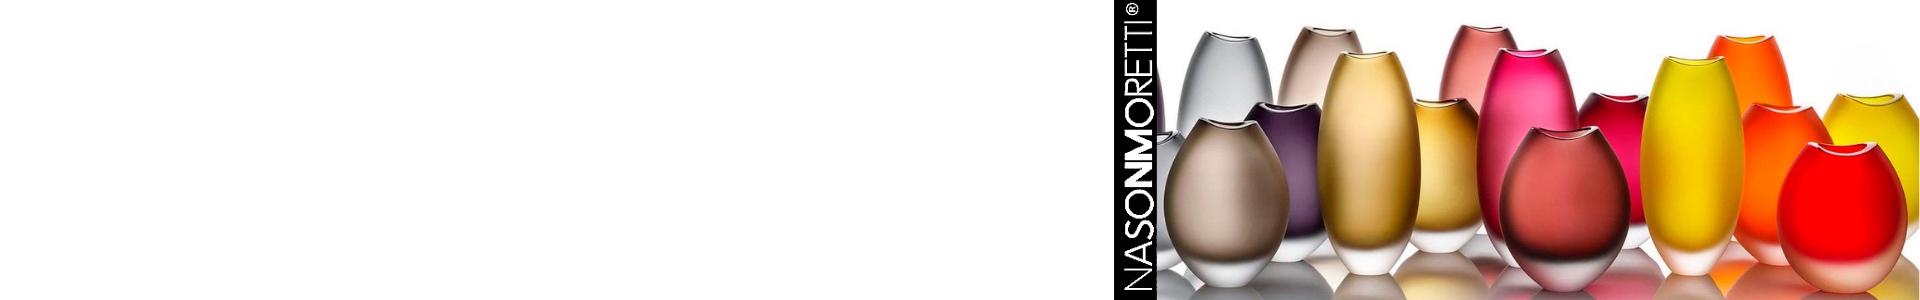 banner nasonmoretti shop online code discount sale codice sconto